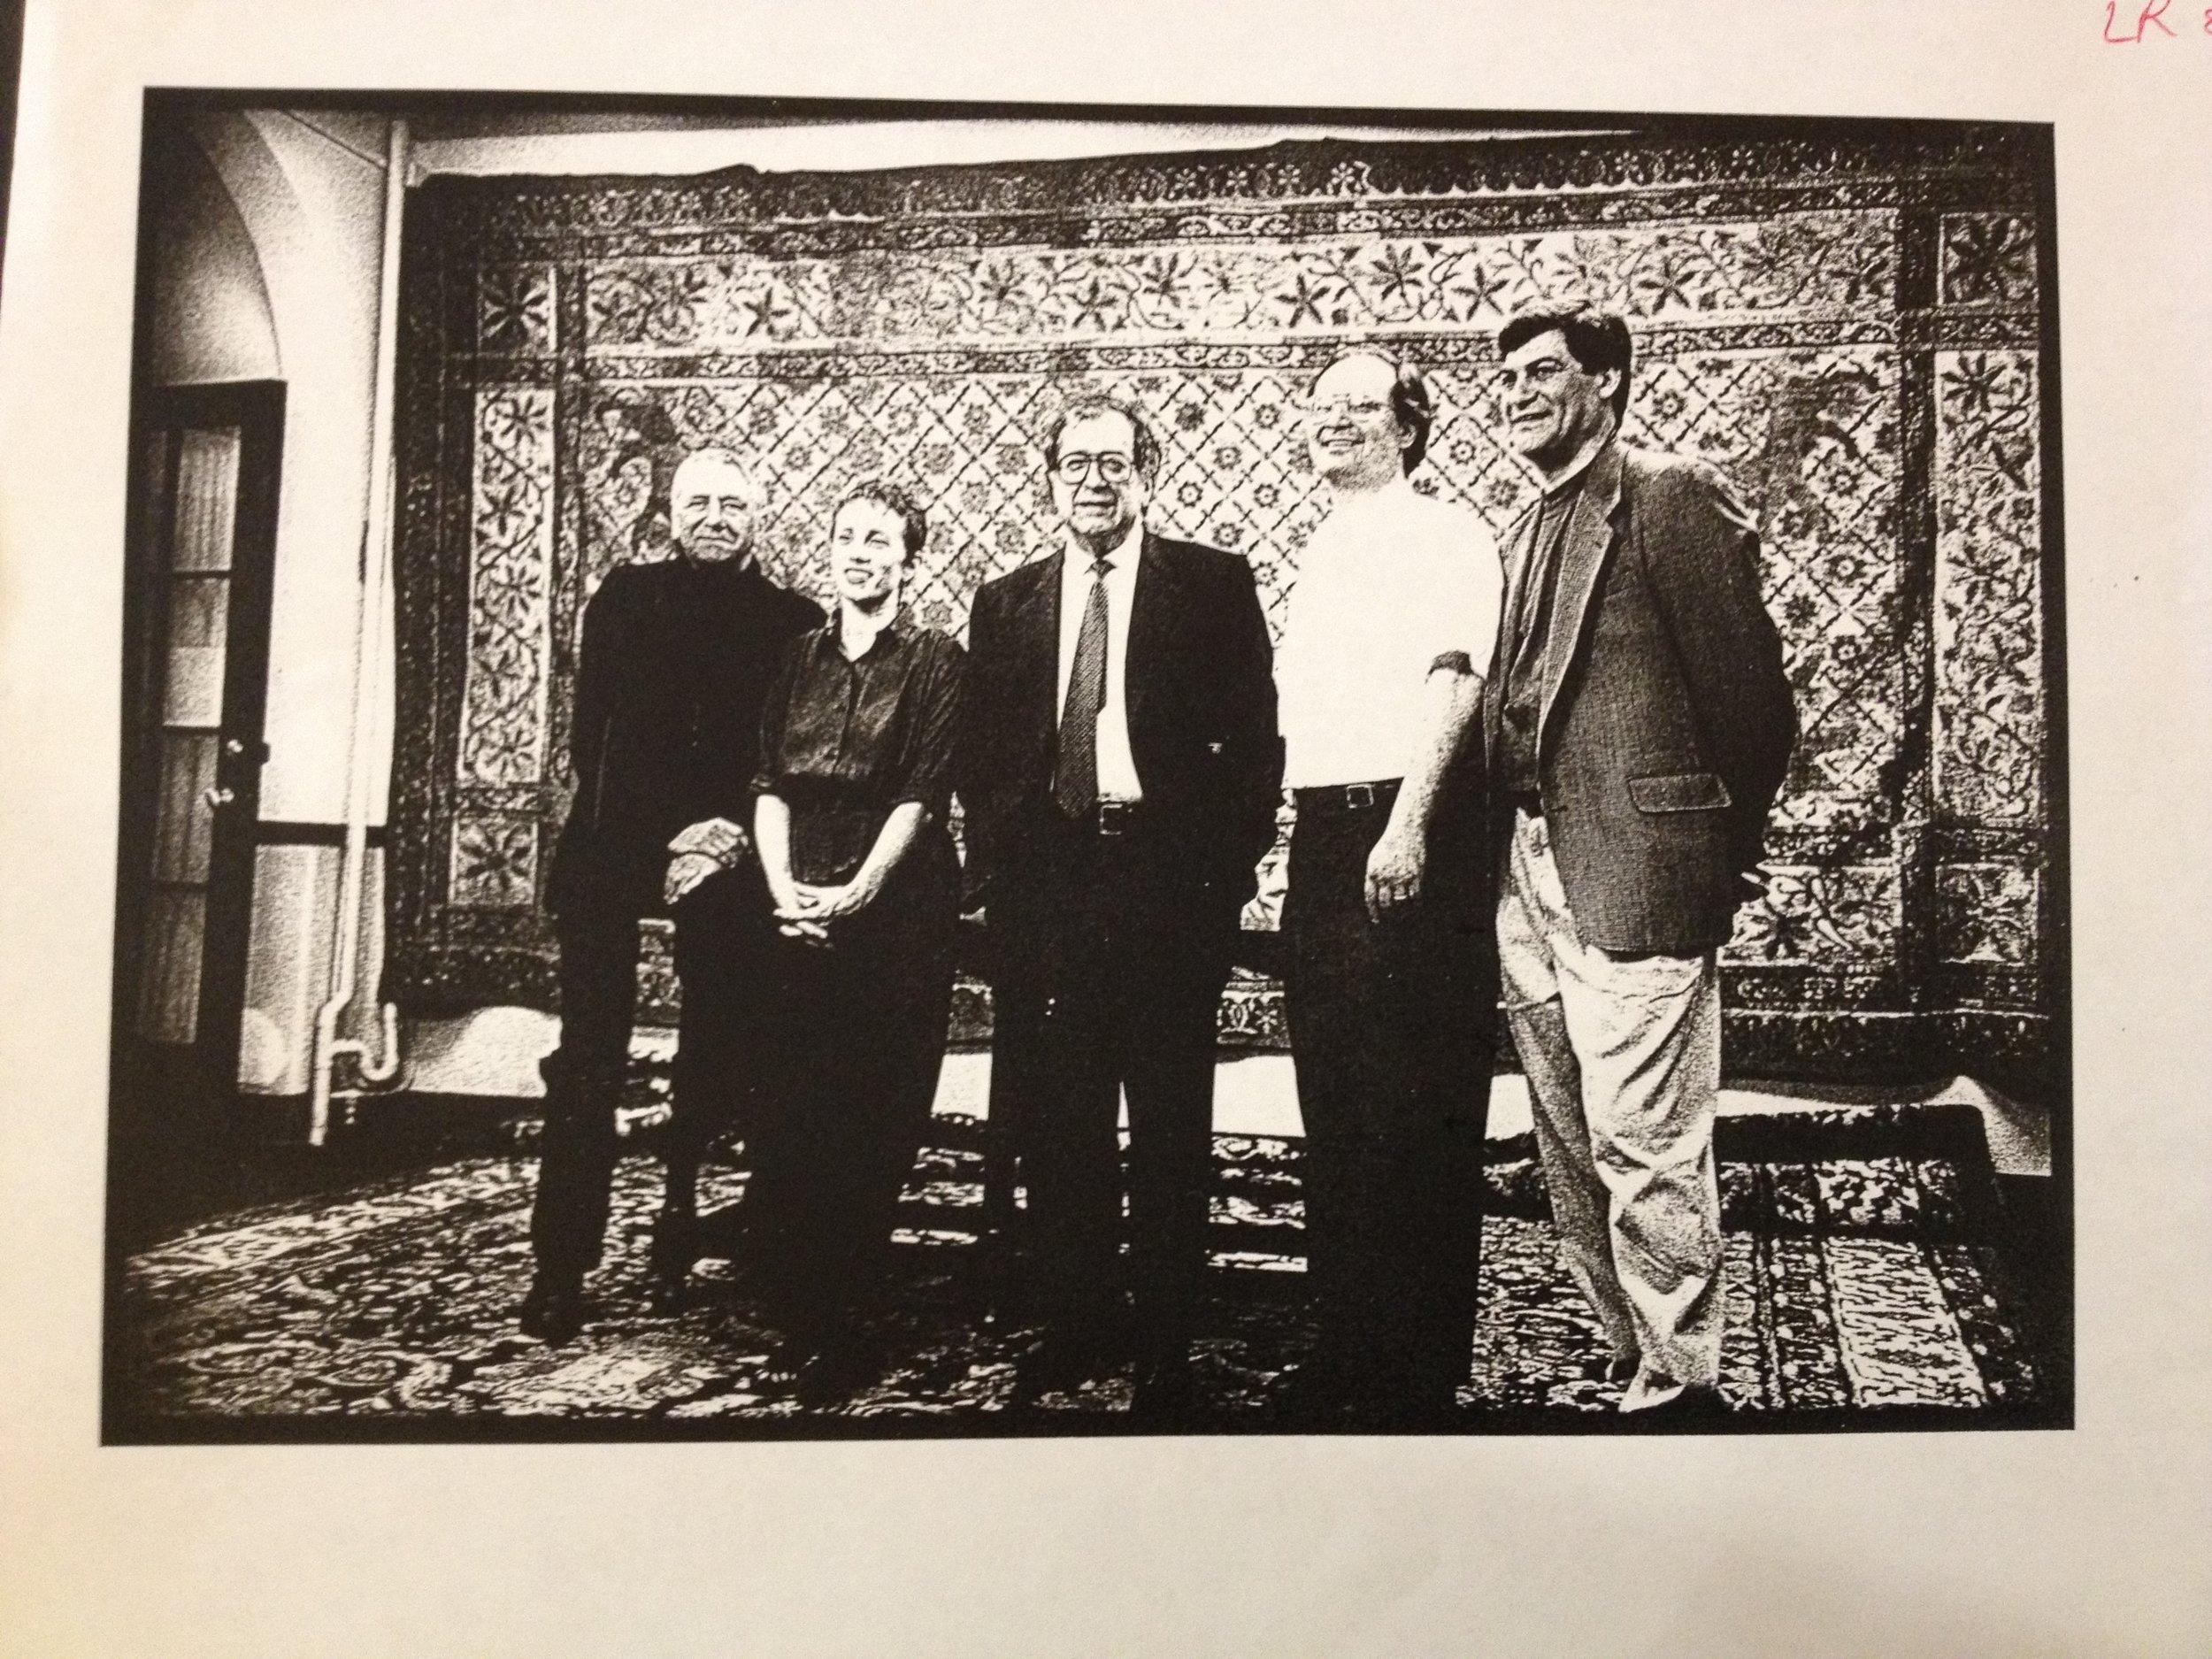 Bernard Rands, Linda Reichert, Luciano Berio, Jan Krzywicki, Robert Capanna, circa 1993 at Settlement Music School